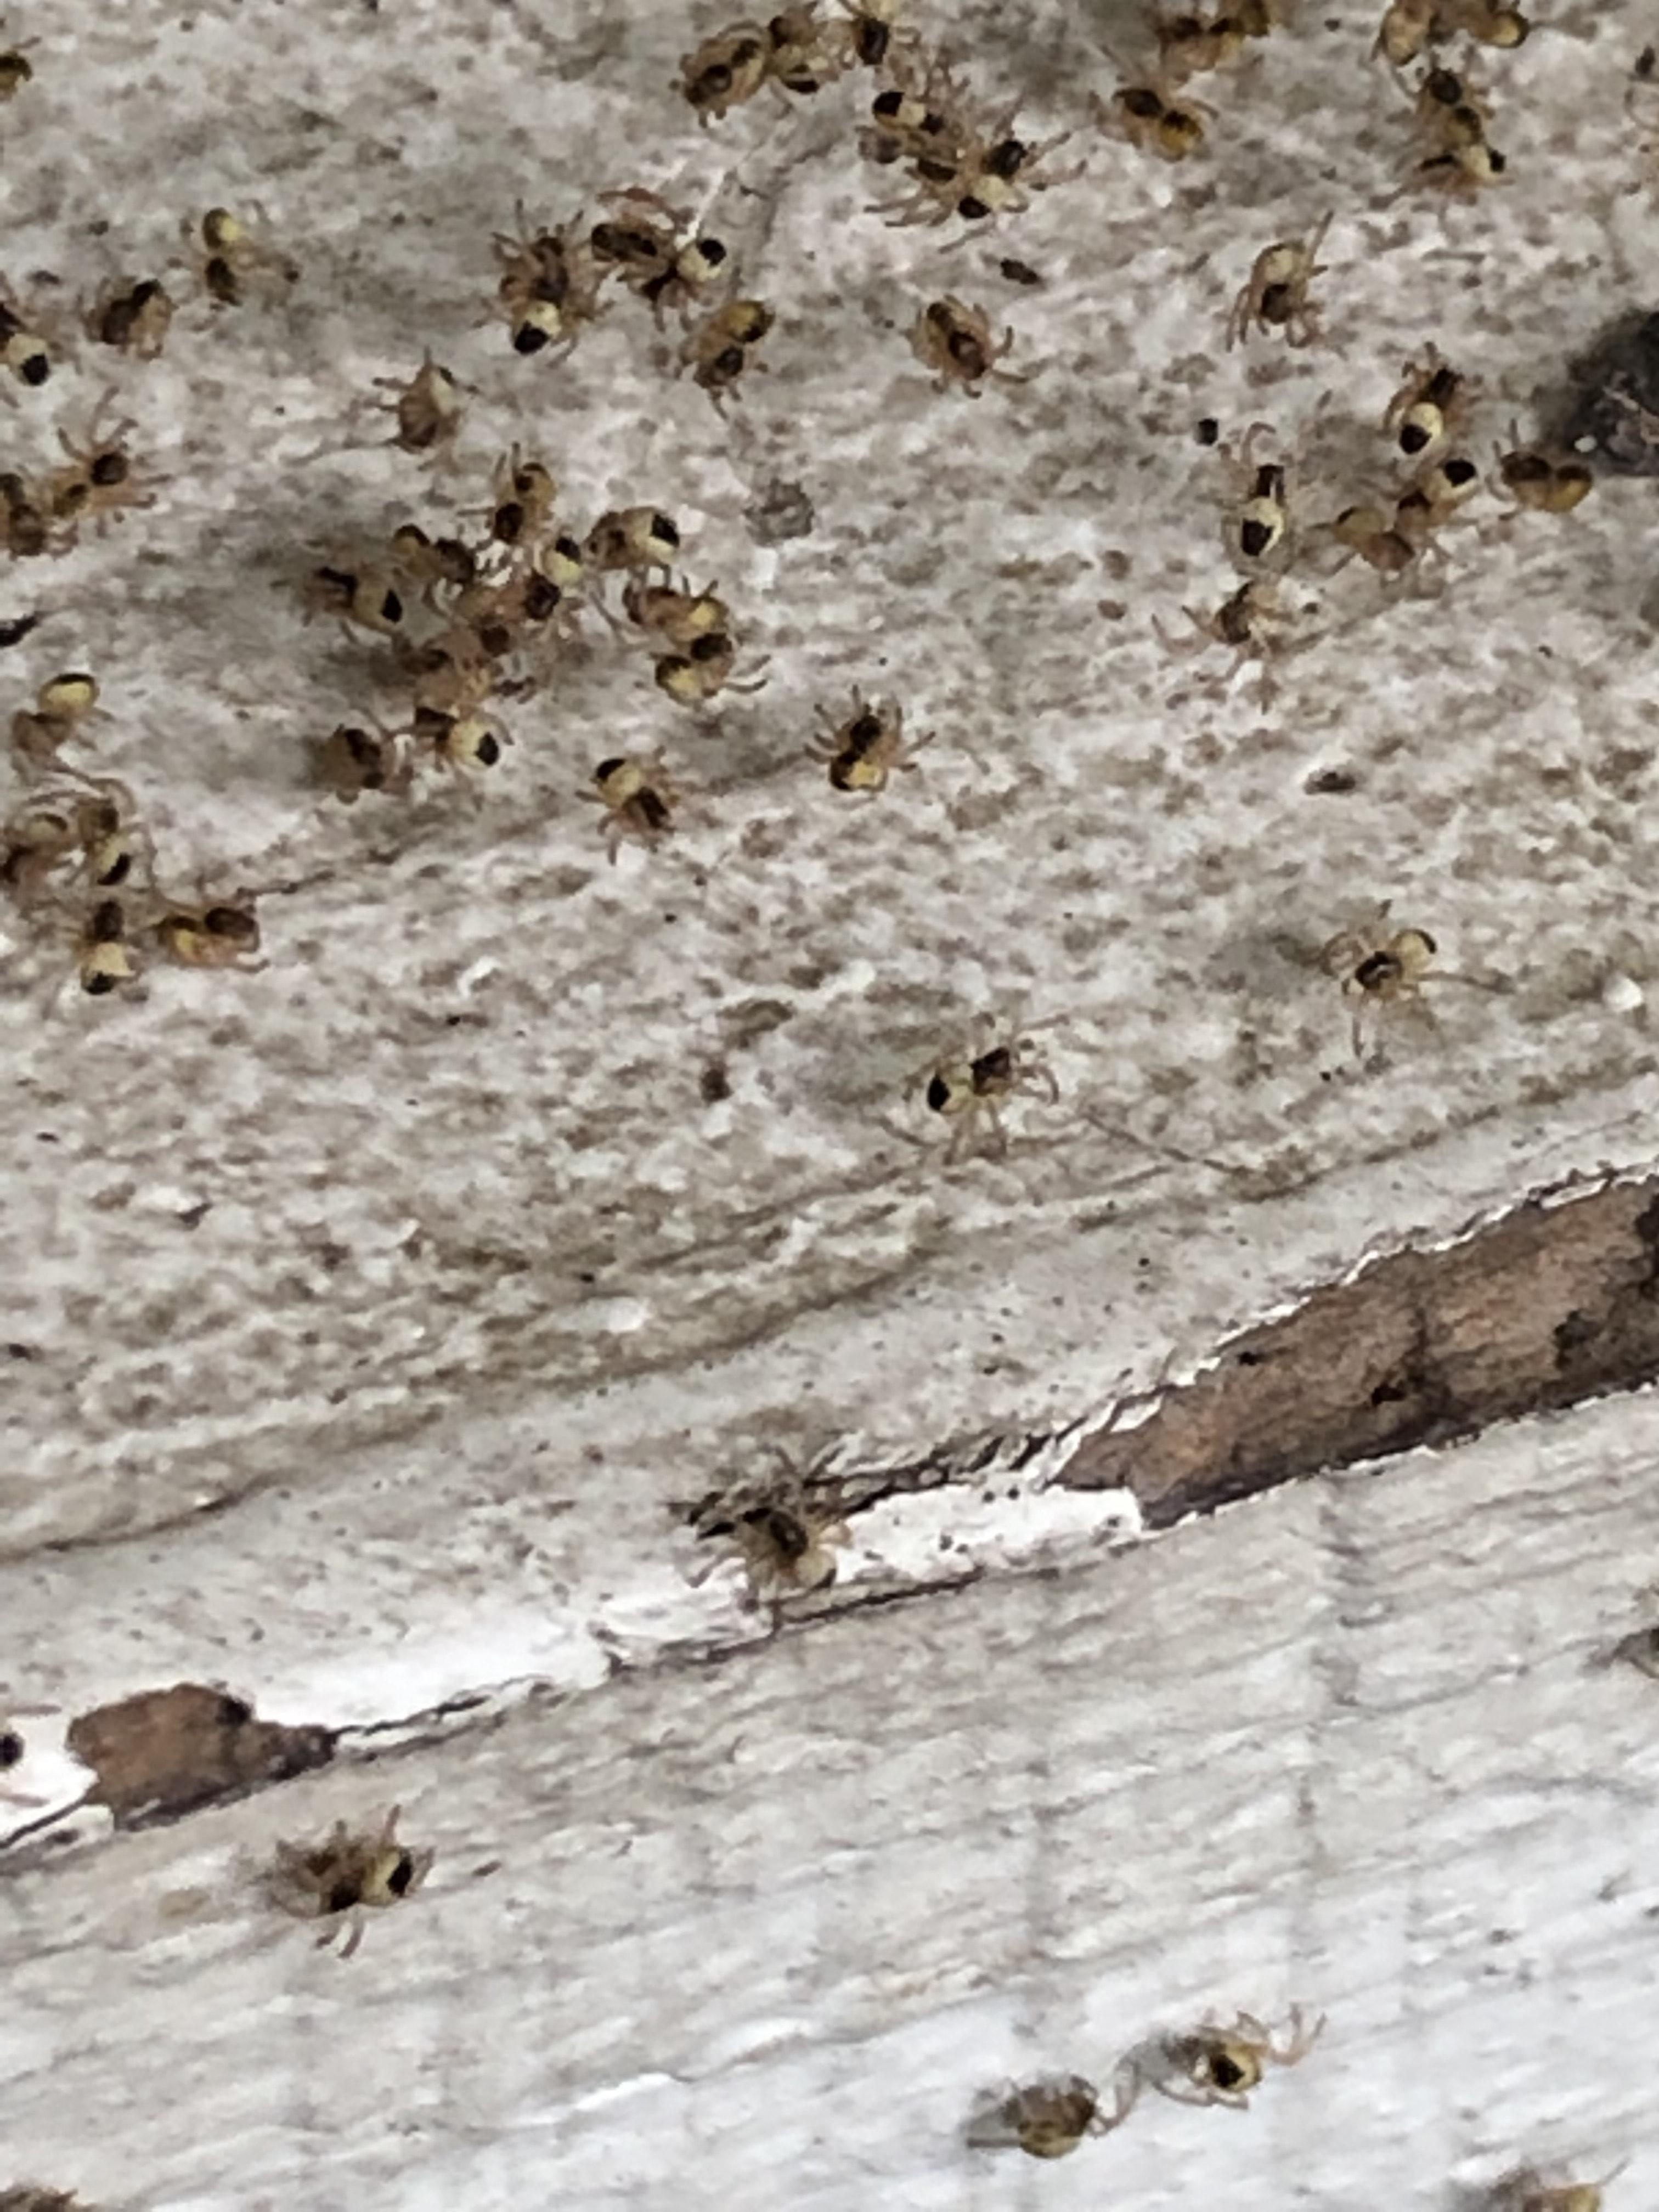 Picture of Araneidae (Orb-weavers) - Spiderlings